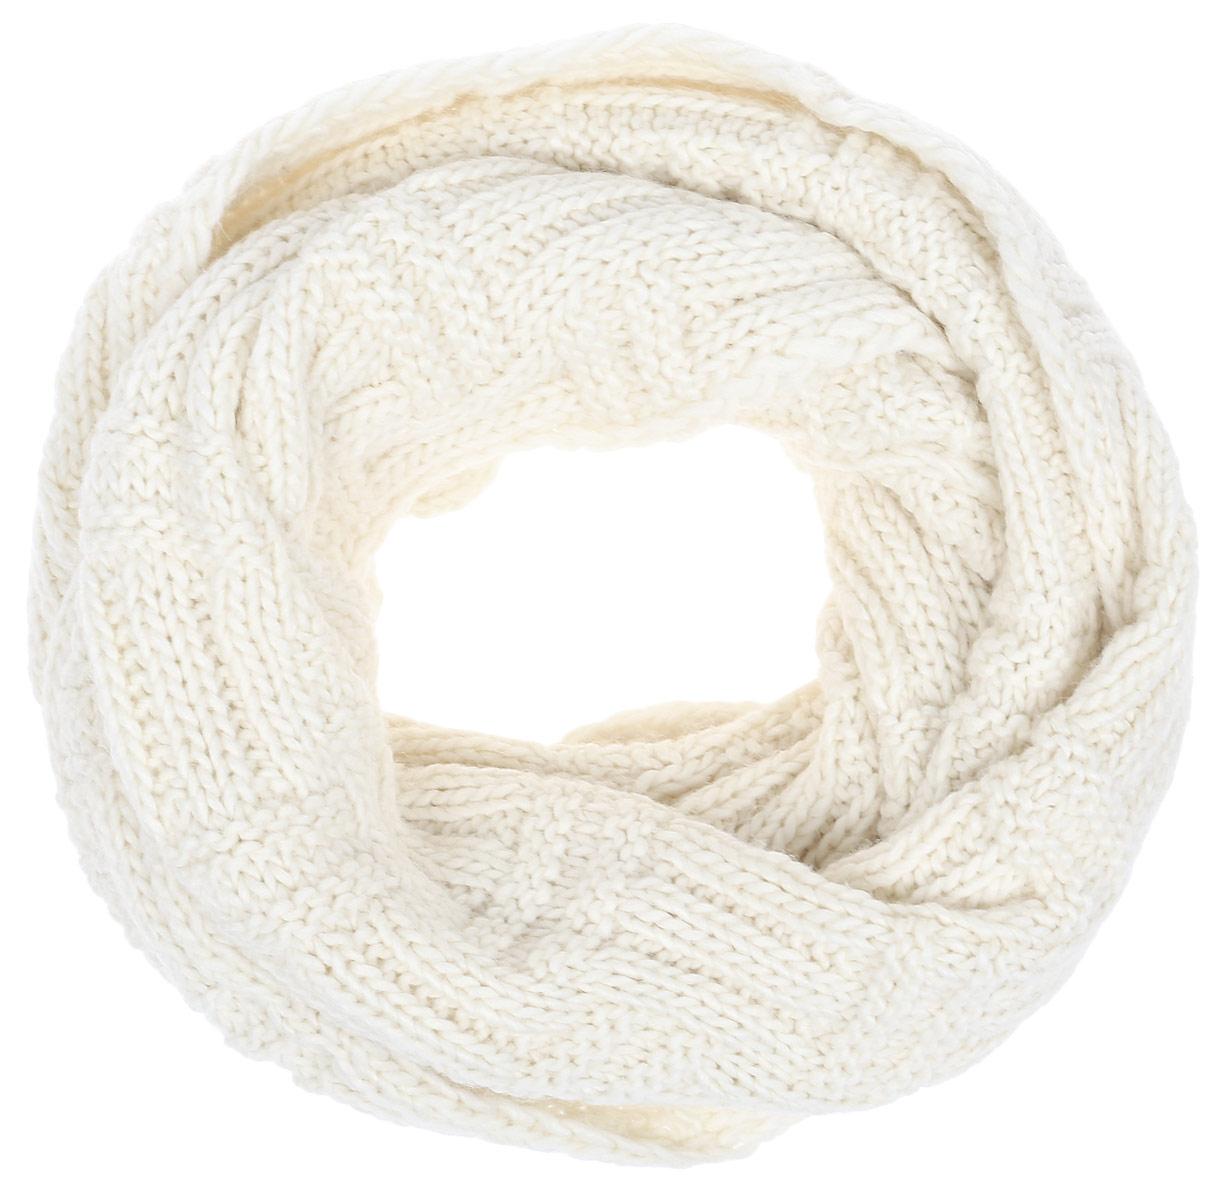 Снуд-хомут женский Flioraj, цвет: молочный. 302FJ. Размер 47 x 80 см302FJКлассический шарф-снуд, выполнен плотной шахматной вязкой. Практичный функциональный, связанный из отборной итальянской овечьей шерсти и шерсти горной альпаки, носится элегантной мягкой восьмеркой, небрежным кольцом на шее или накидкой на голову. Ширина изделия - 47 см, растягивается в длину до 80 см.